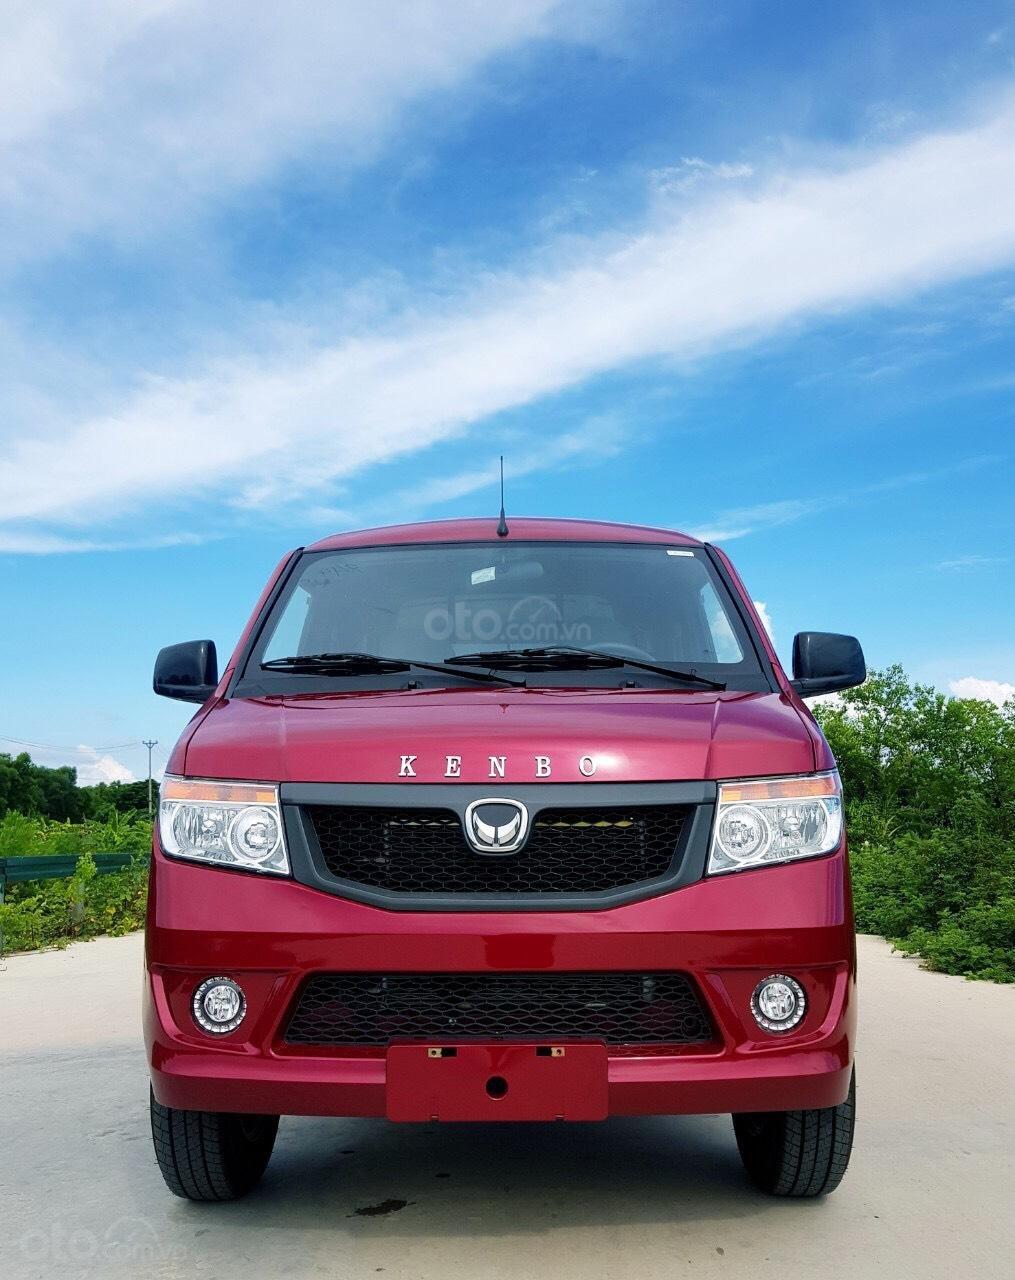 Bán van Kenbo 2 chỗ sản xuất năm 2020, giá rẻ nhất thị trường (5)